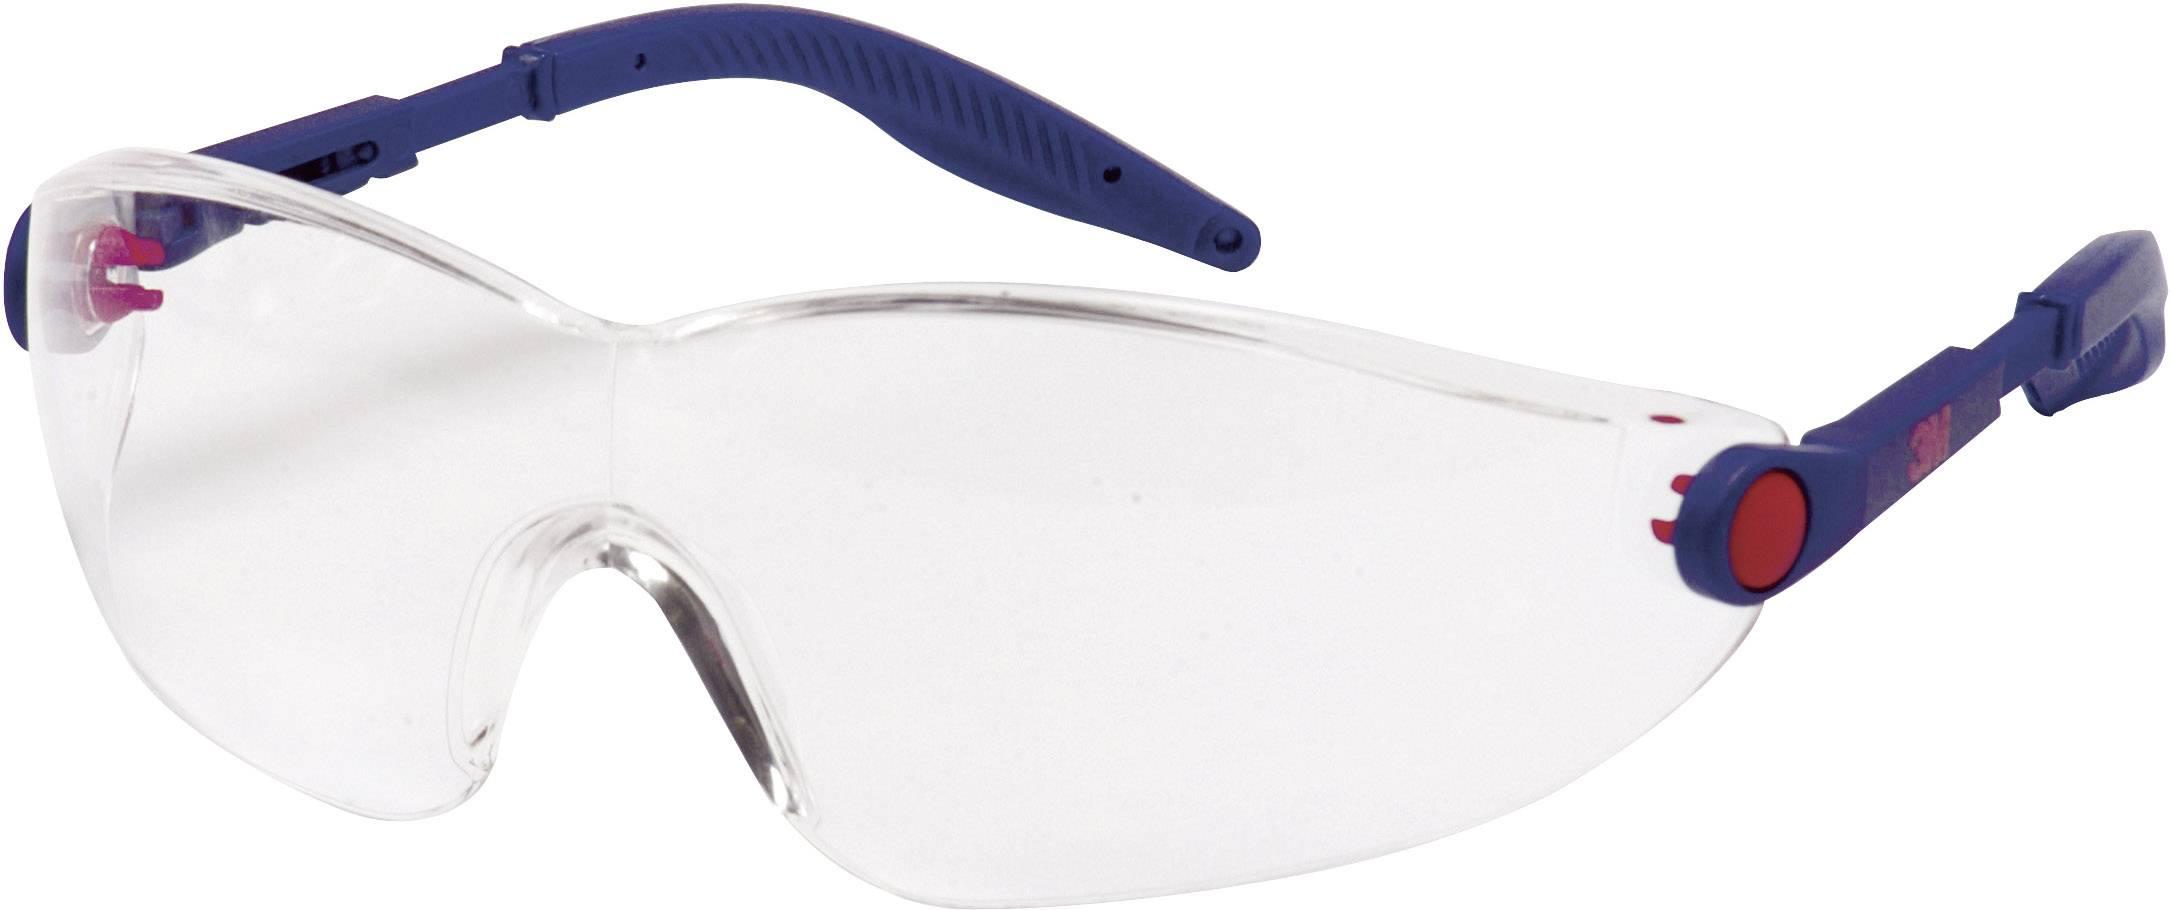 Ochranné brýle 3M 2740, transparentní